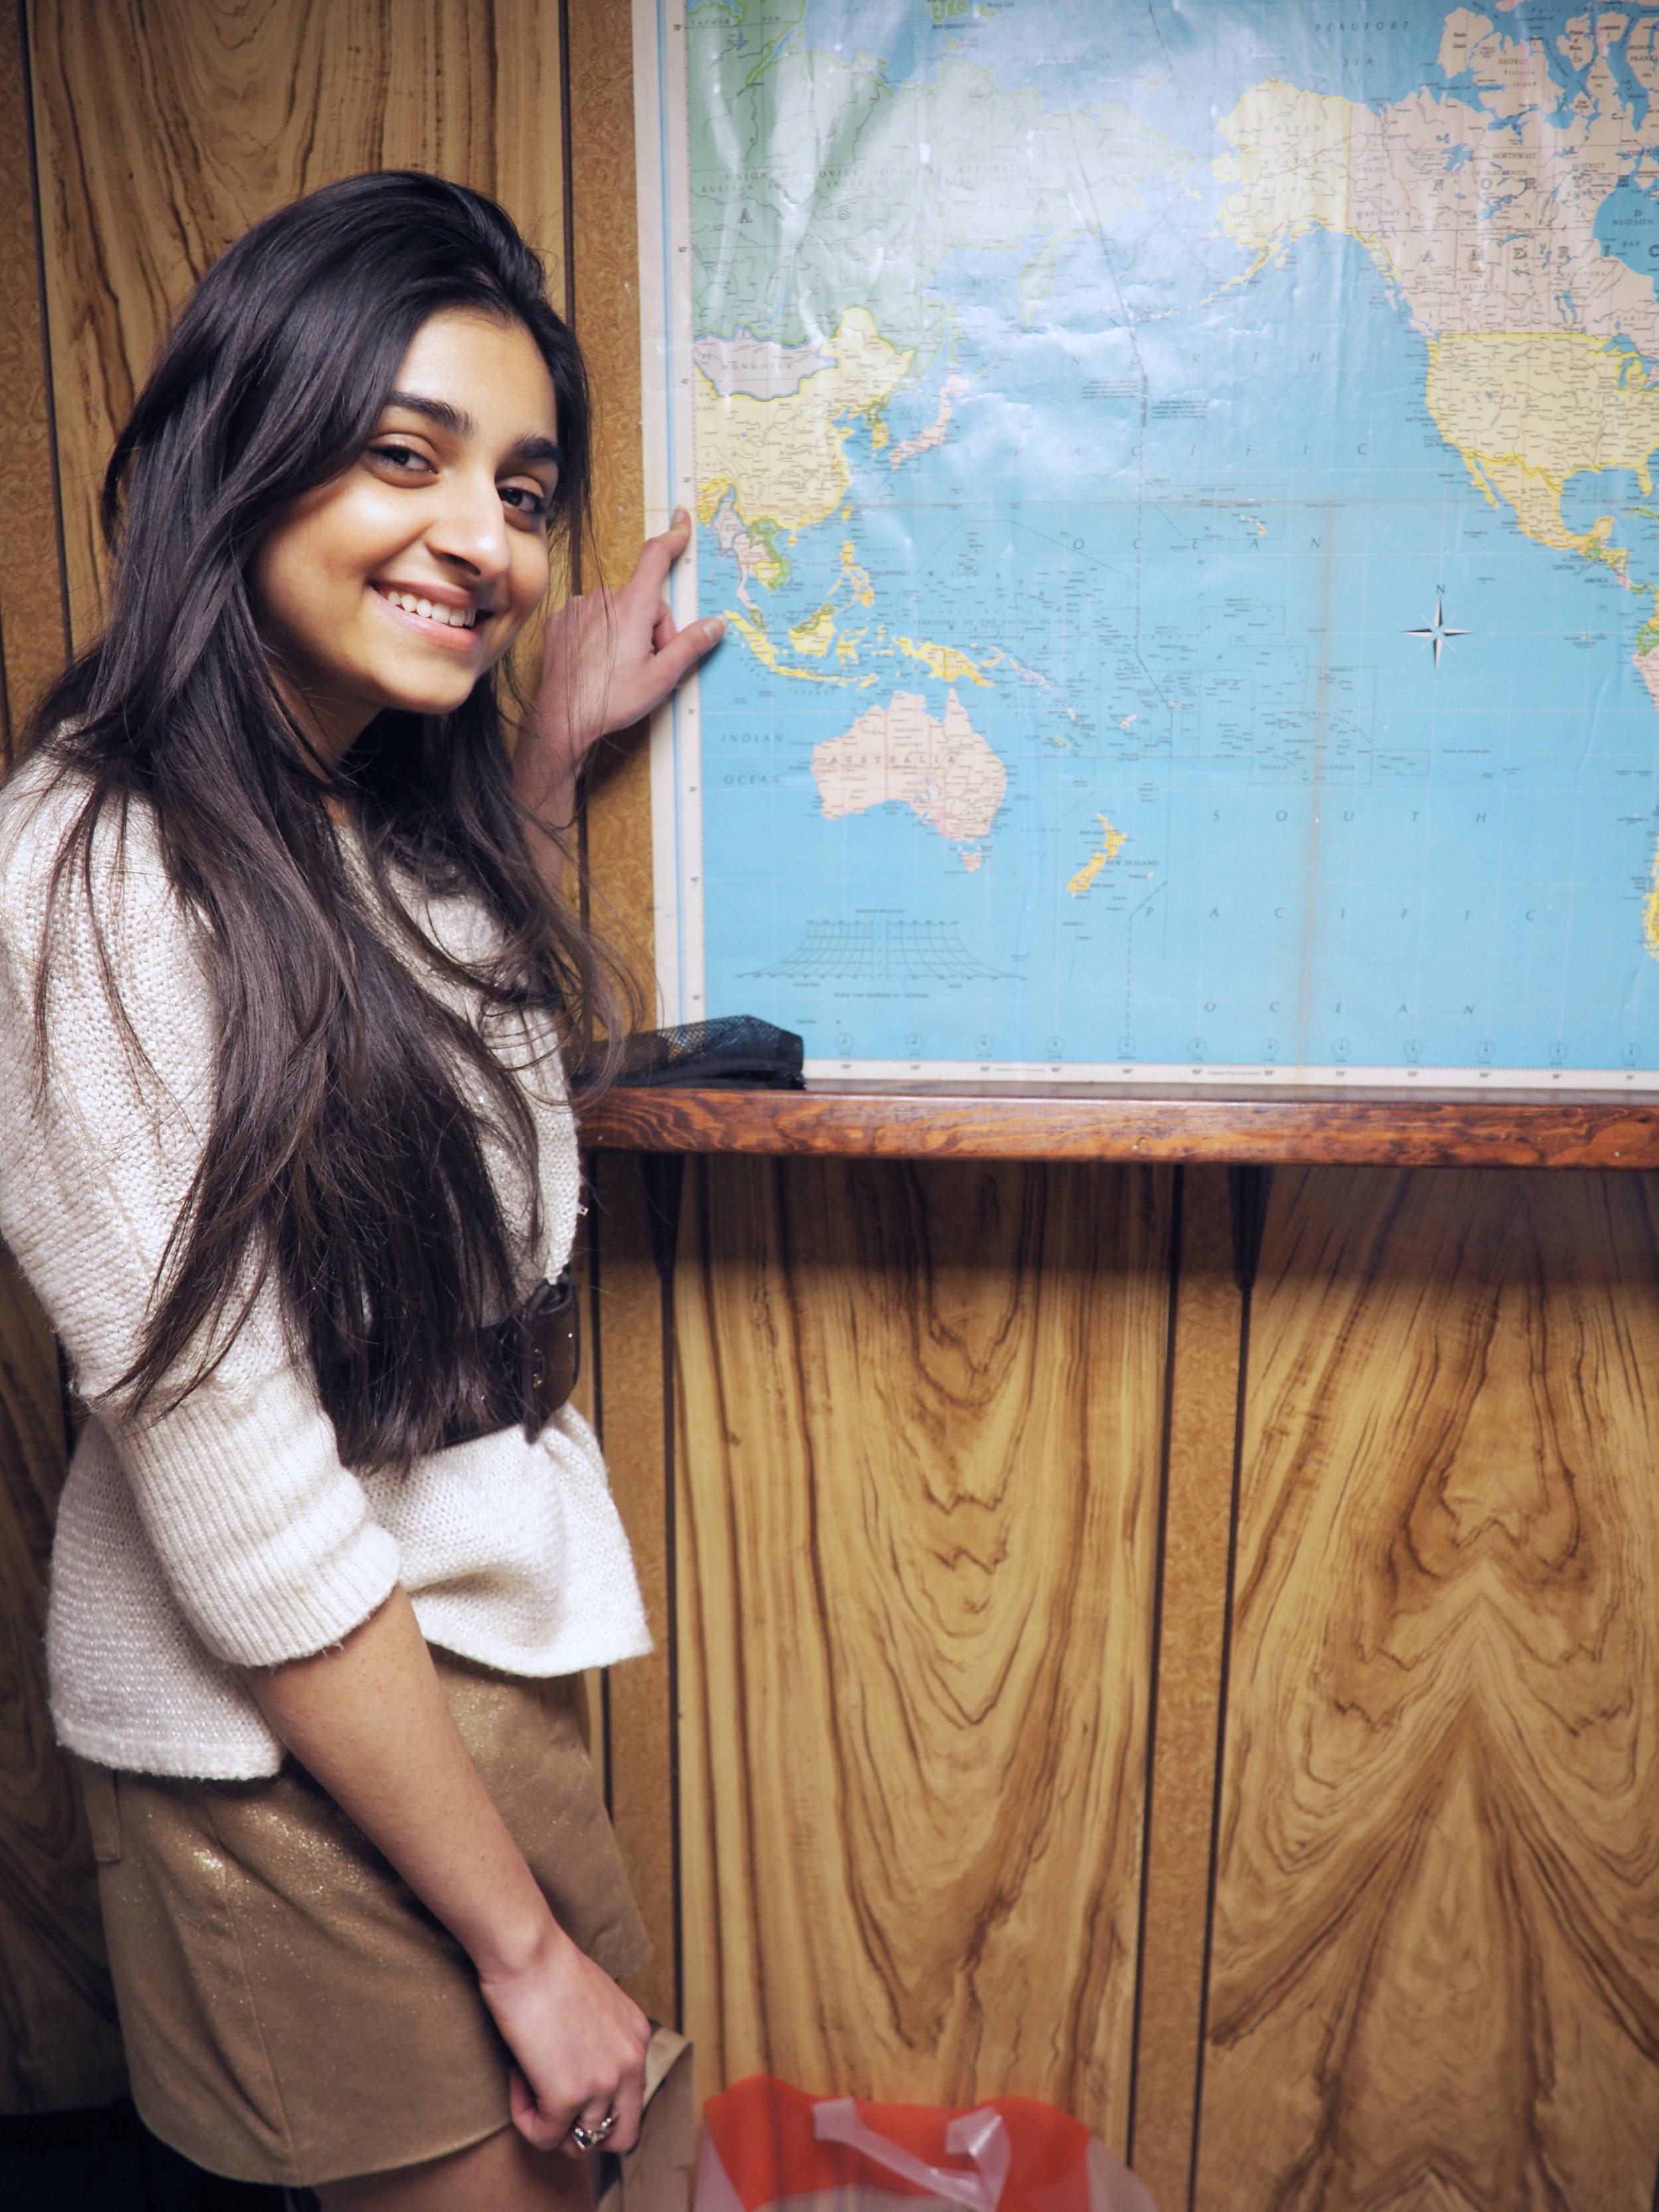 Ridhima: India